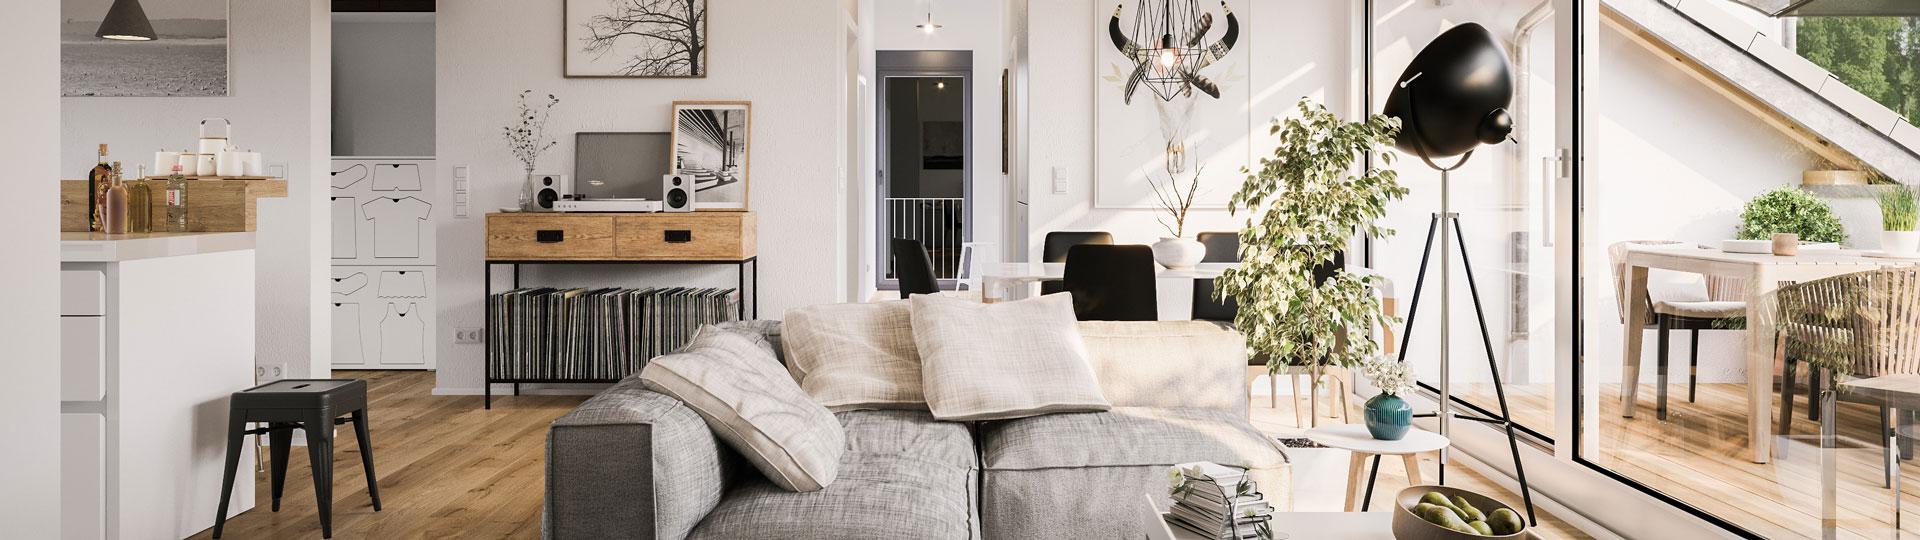 Reichert_Immobilien_Korschenbroich_Suchauftrag